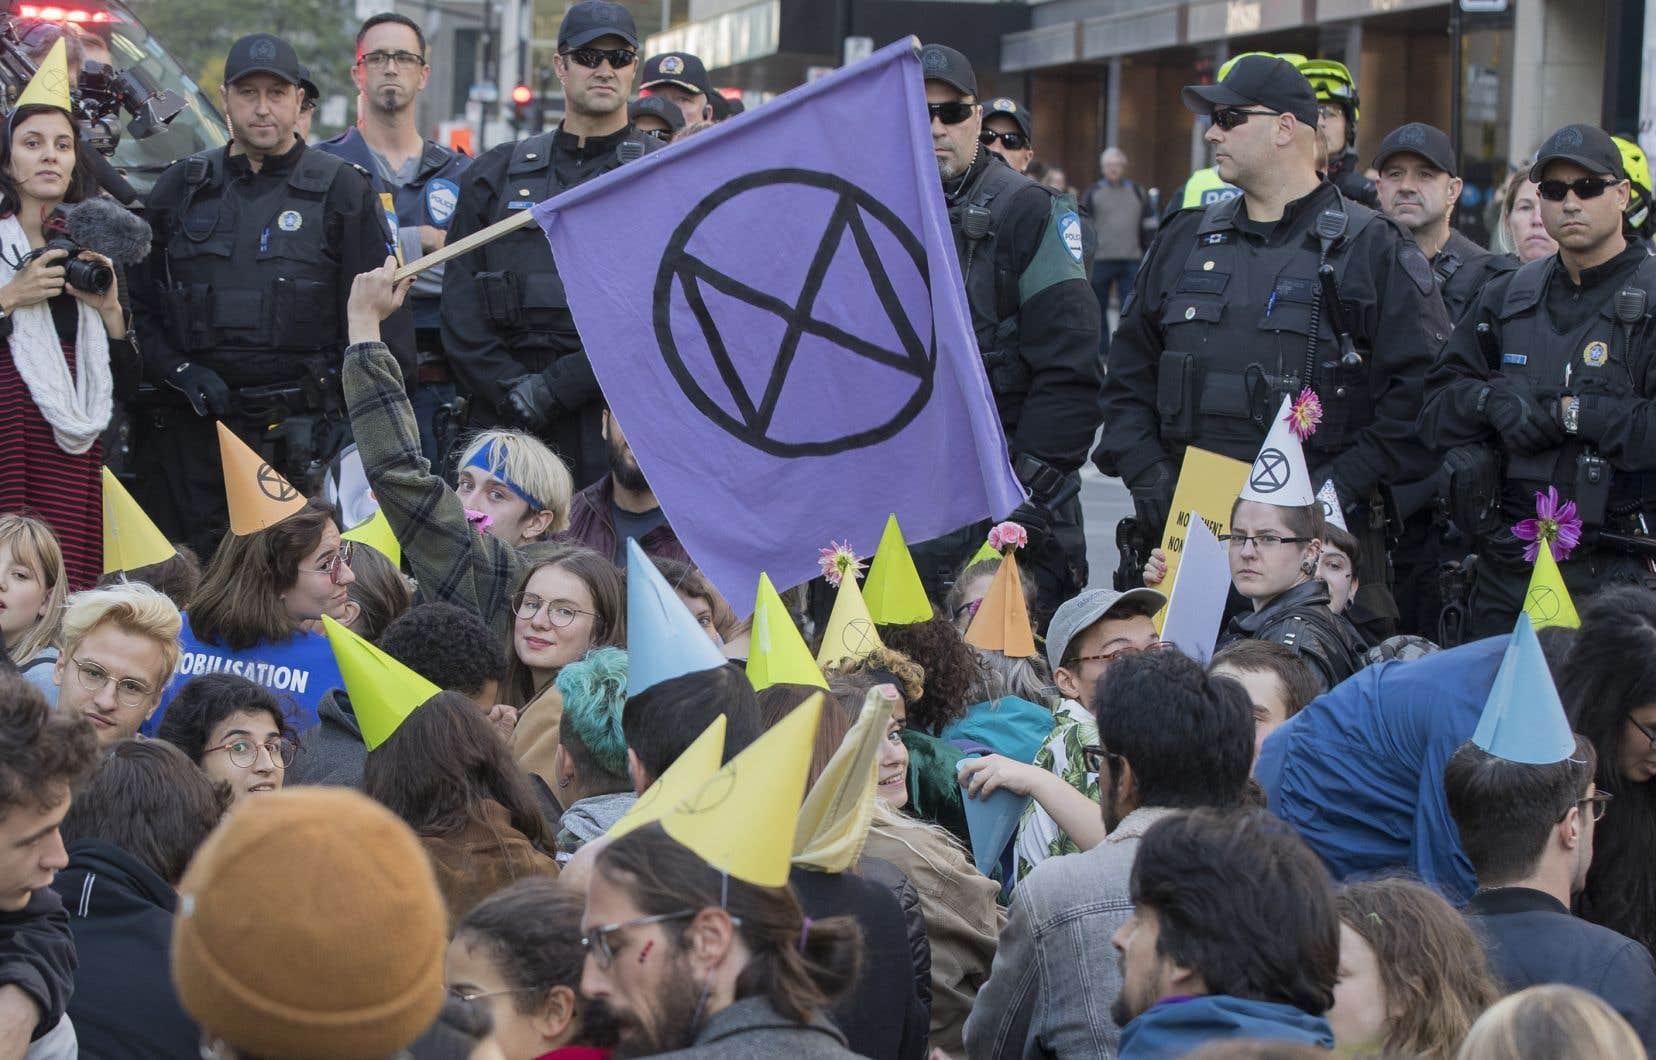 Réunis dans le but de mener une nouvelle action de désobéissance civile, environ 200 militants se sont butés à un blocage du boulevard René-Lévesque par des policiers antiémeute du SPVM.